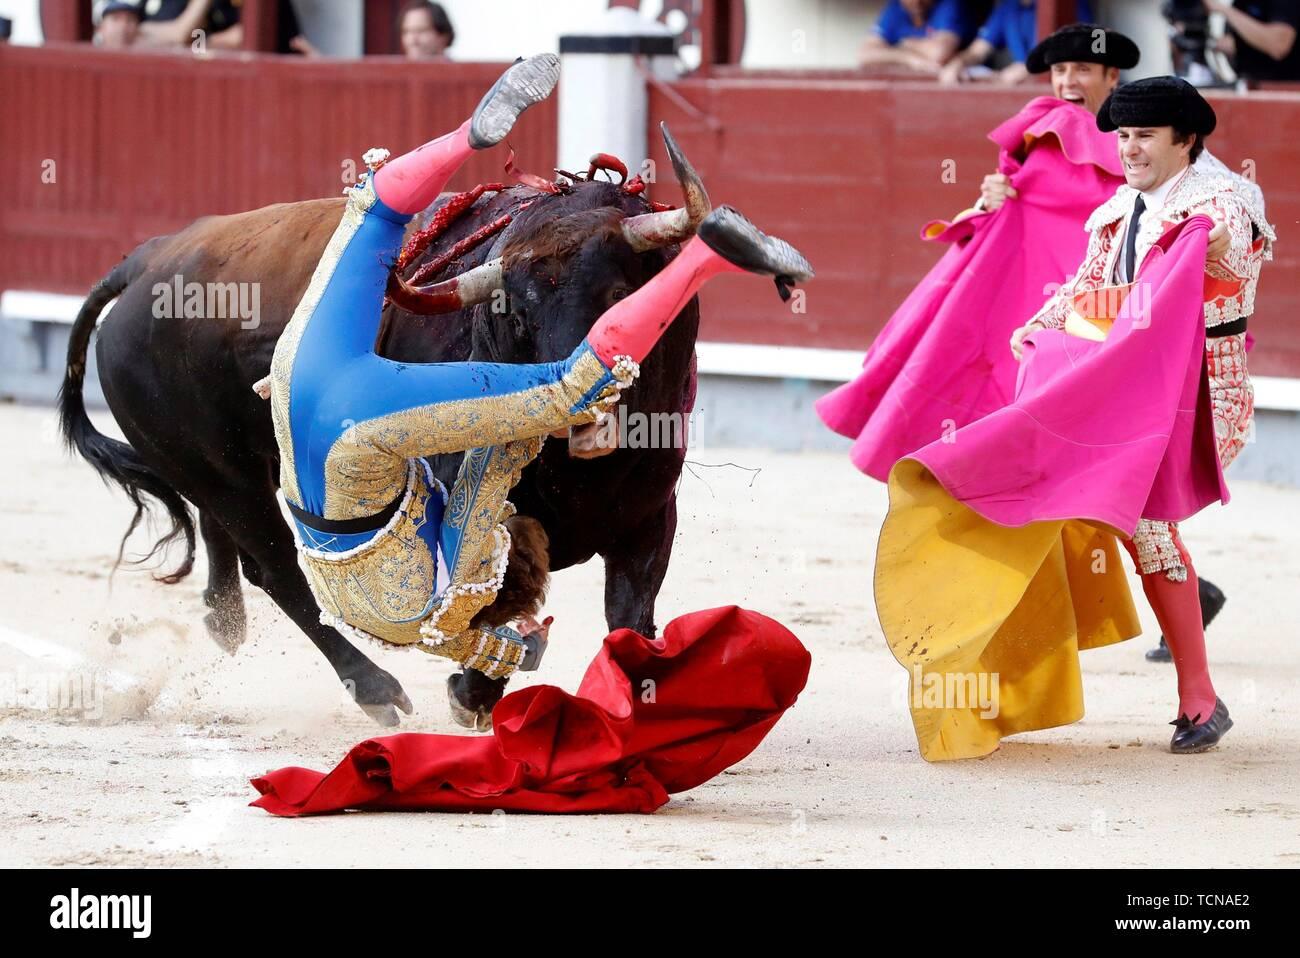 Madrid, Espagne. 09Th Juin, 2019. Le droitier Roman Collado c'est imposé par le premier taureau de son lot, dans l'arène de Las Ventas, Madrid, Espagne, 09 juin 2019. Credit: Ballesteros/EFE/Alamy Live News Photo Stock